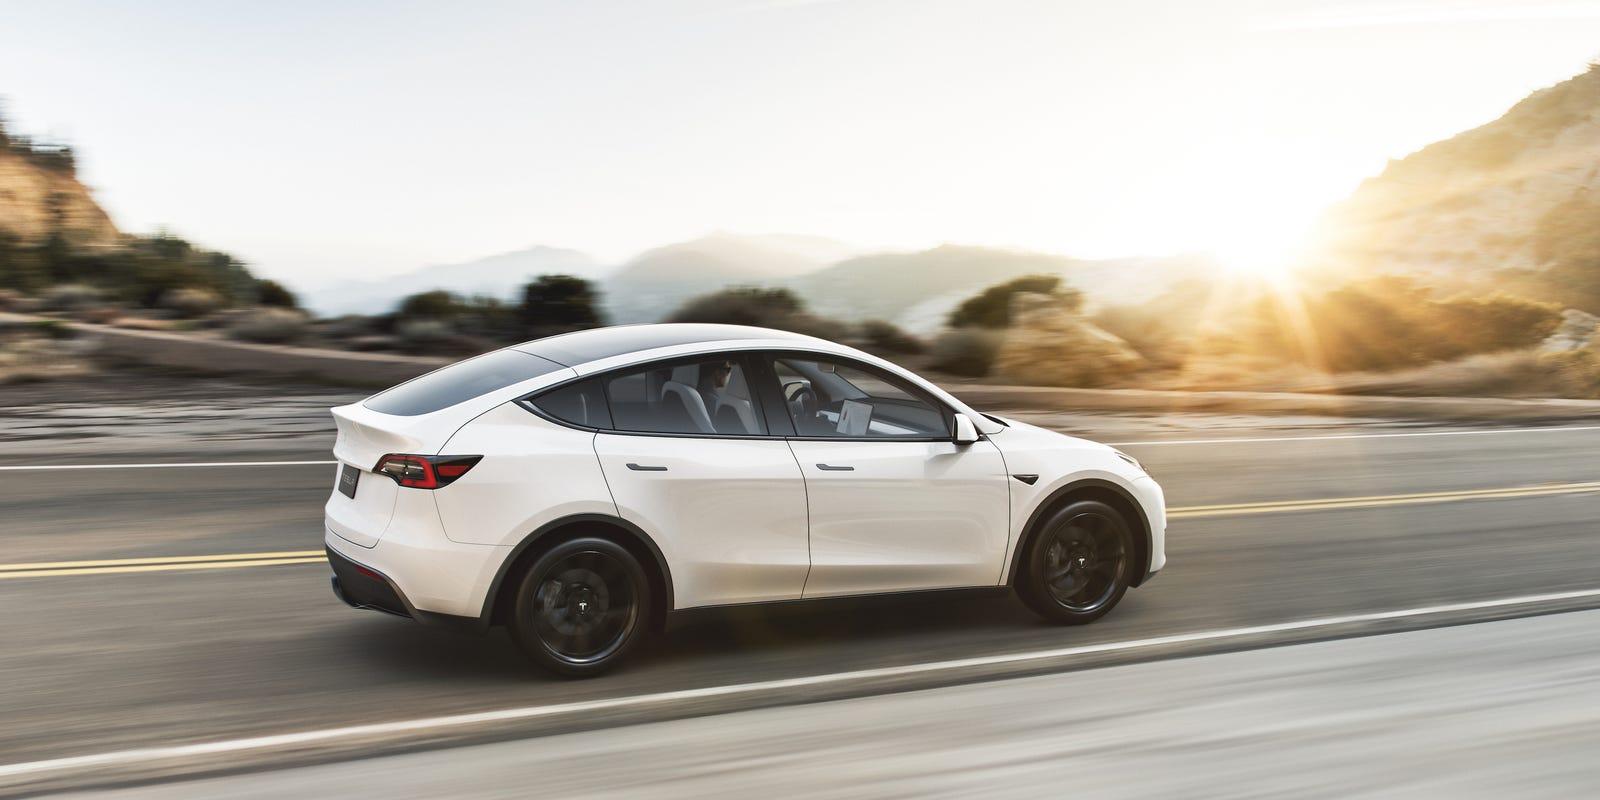 Tesla bate recordes de vendas e tem lucro de US$ 105 milhões